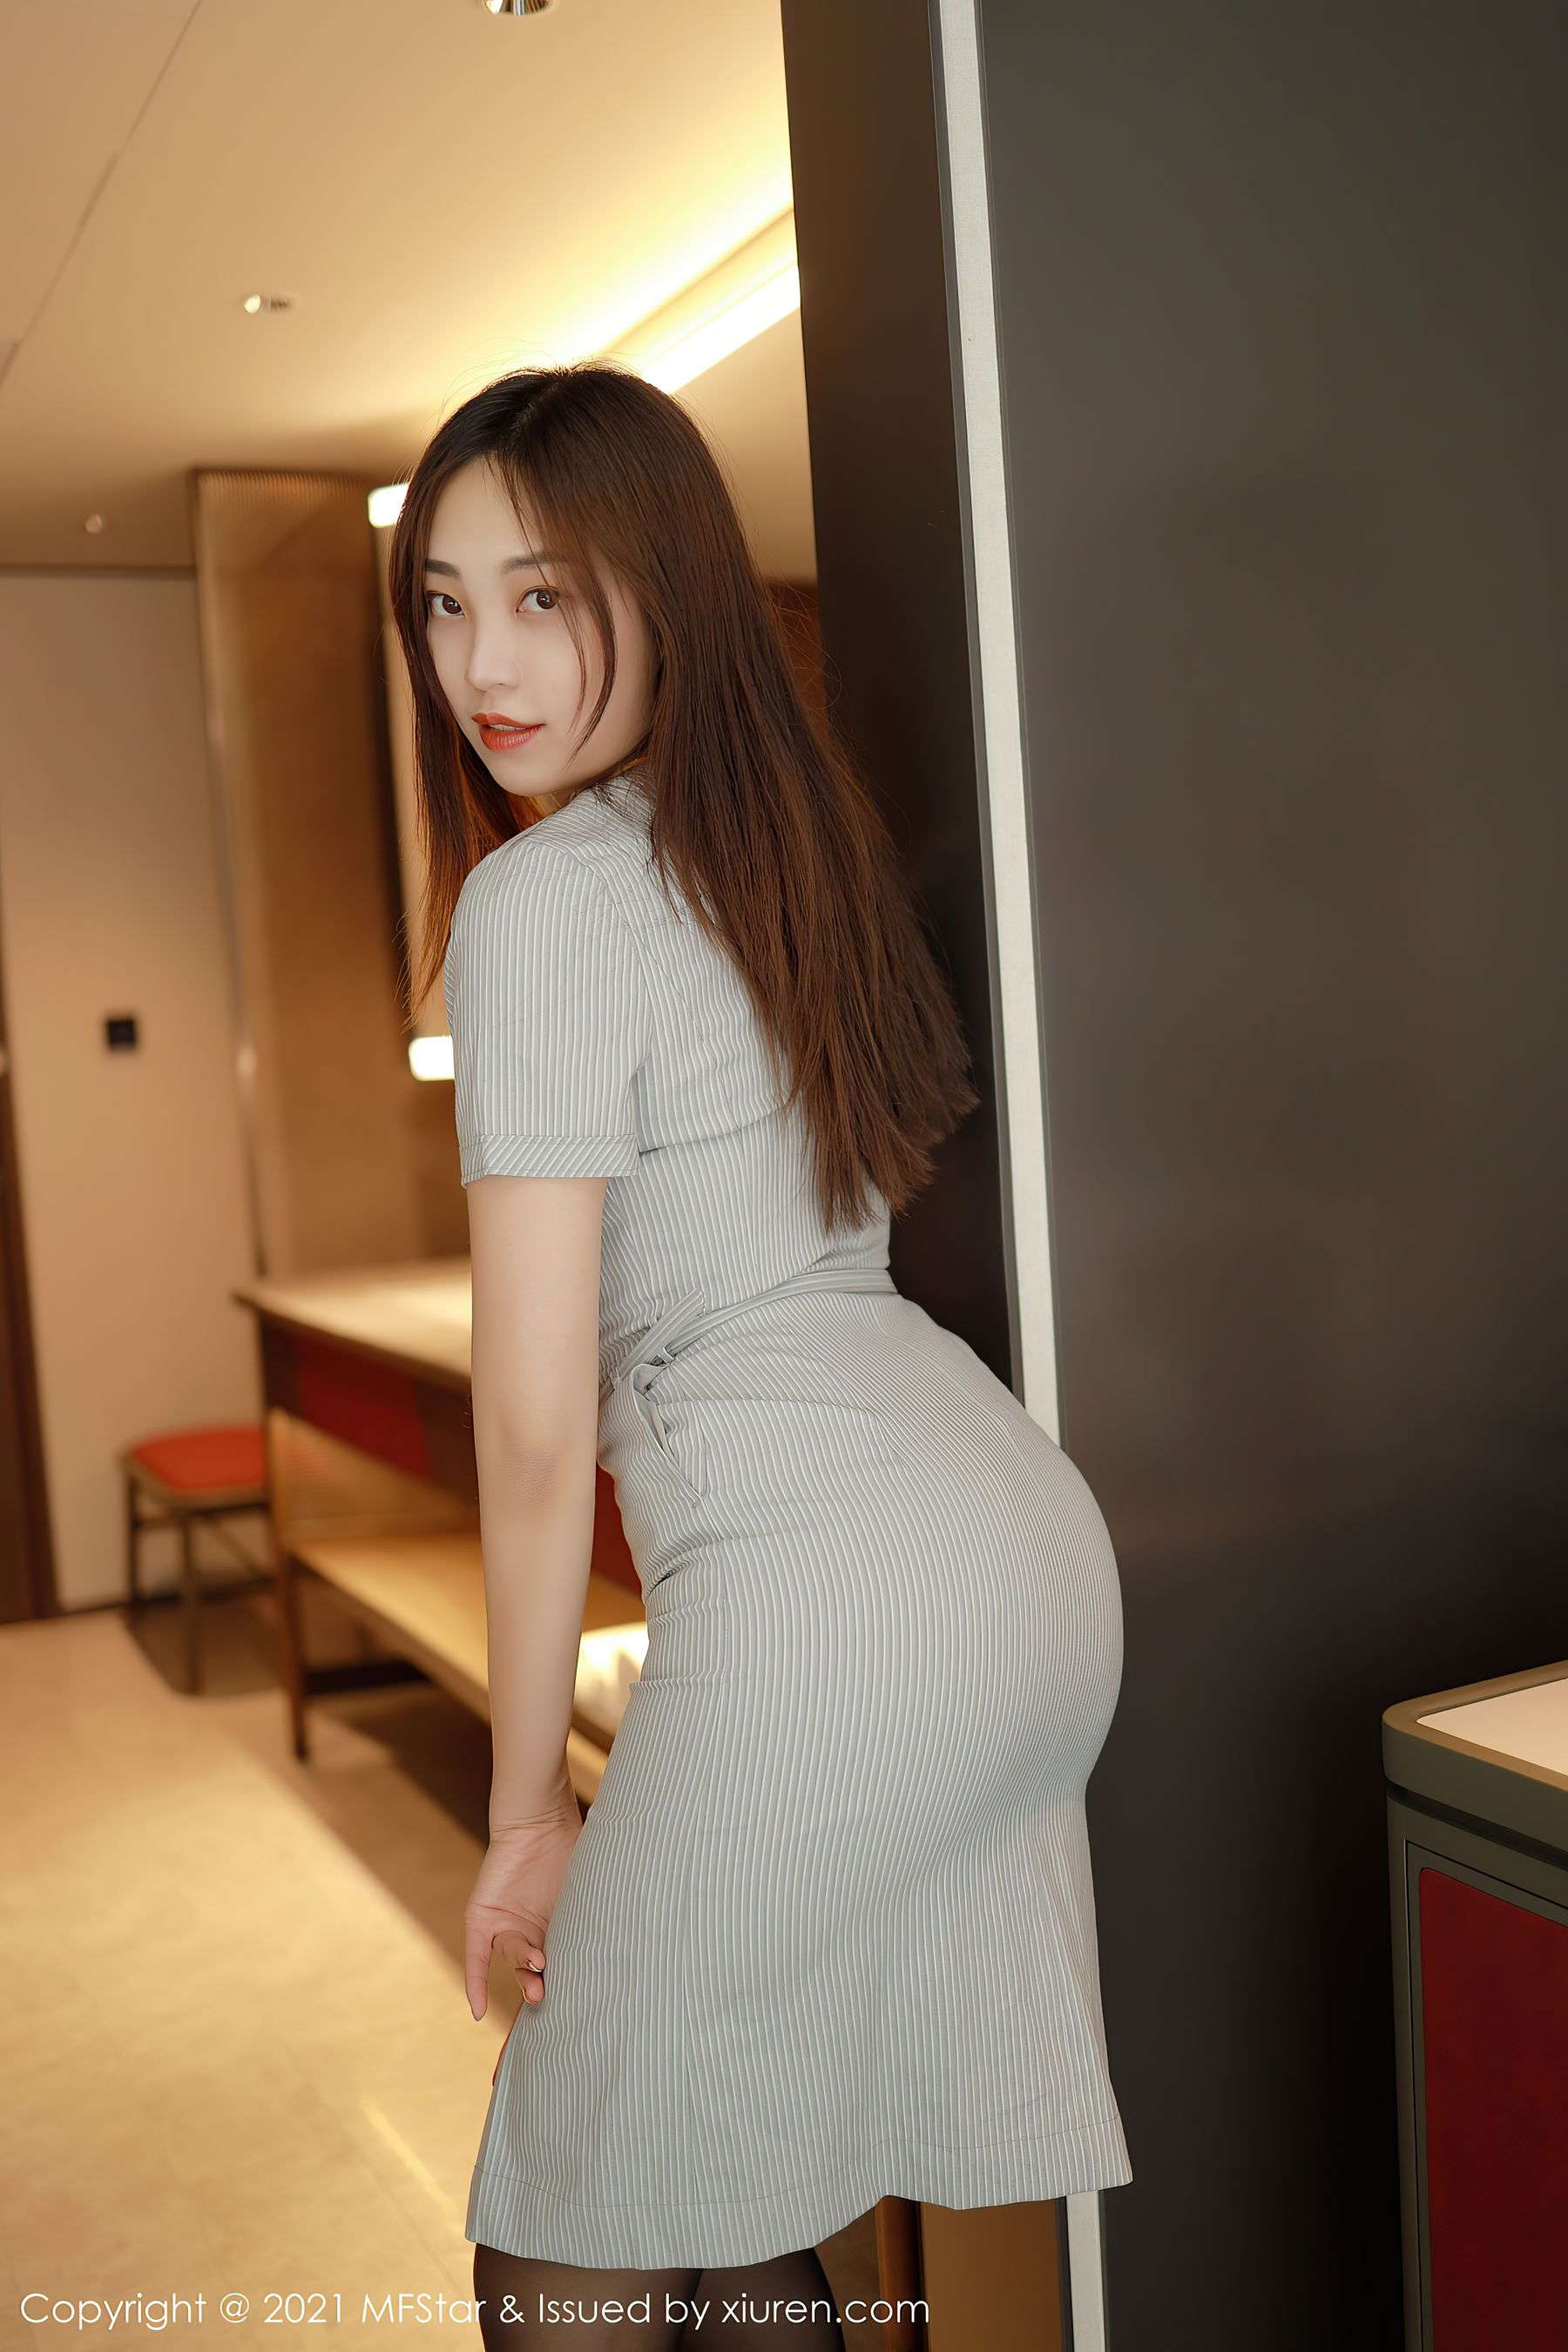 VOL.1485 [模范学院]翘臀空姐制服黑丝诱惑:郑颖姗(郑颖姗Bev)超高清写真套图(34P)